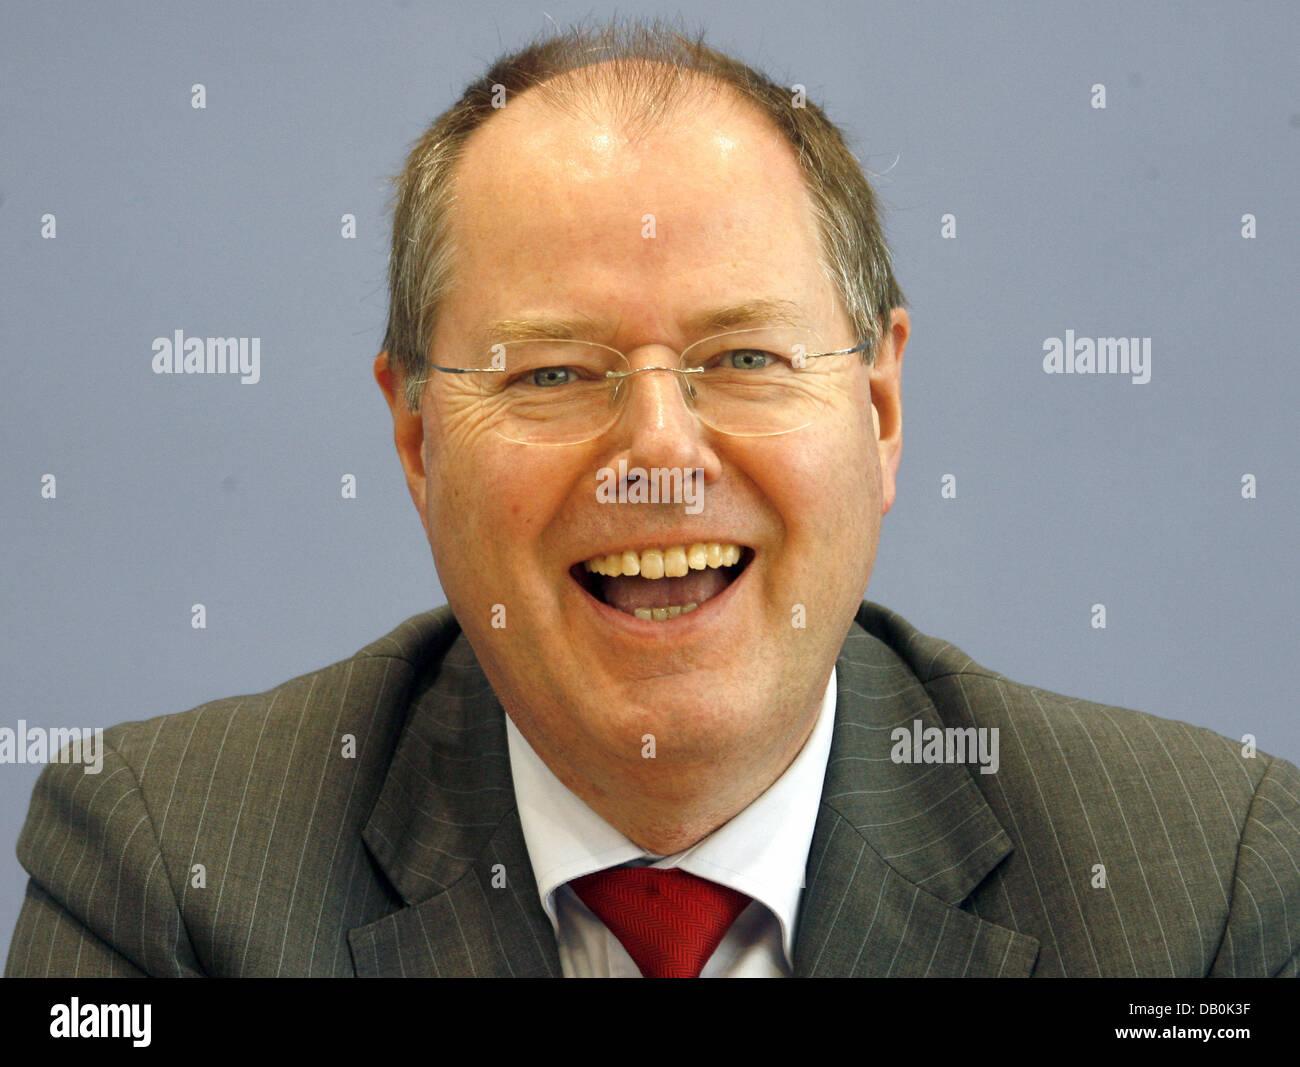 Bundesfinanzminister Peer Steinbrück lacht auf einer Pressekonferenz in Berlin, Deutschland, 5. September 2007. Stockbild